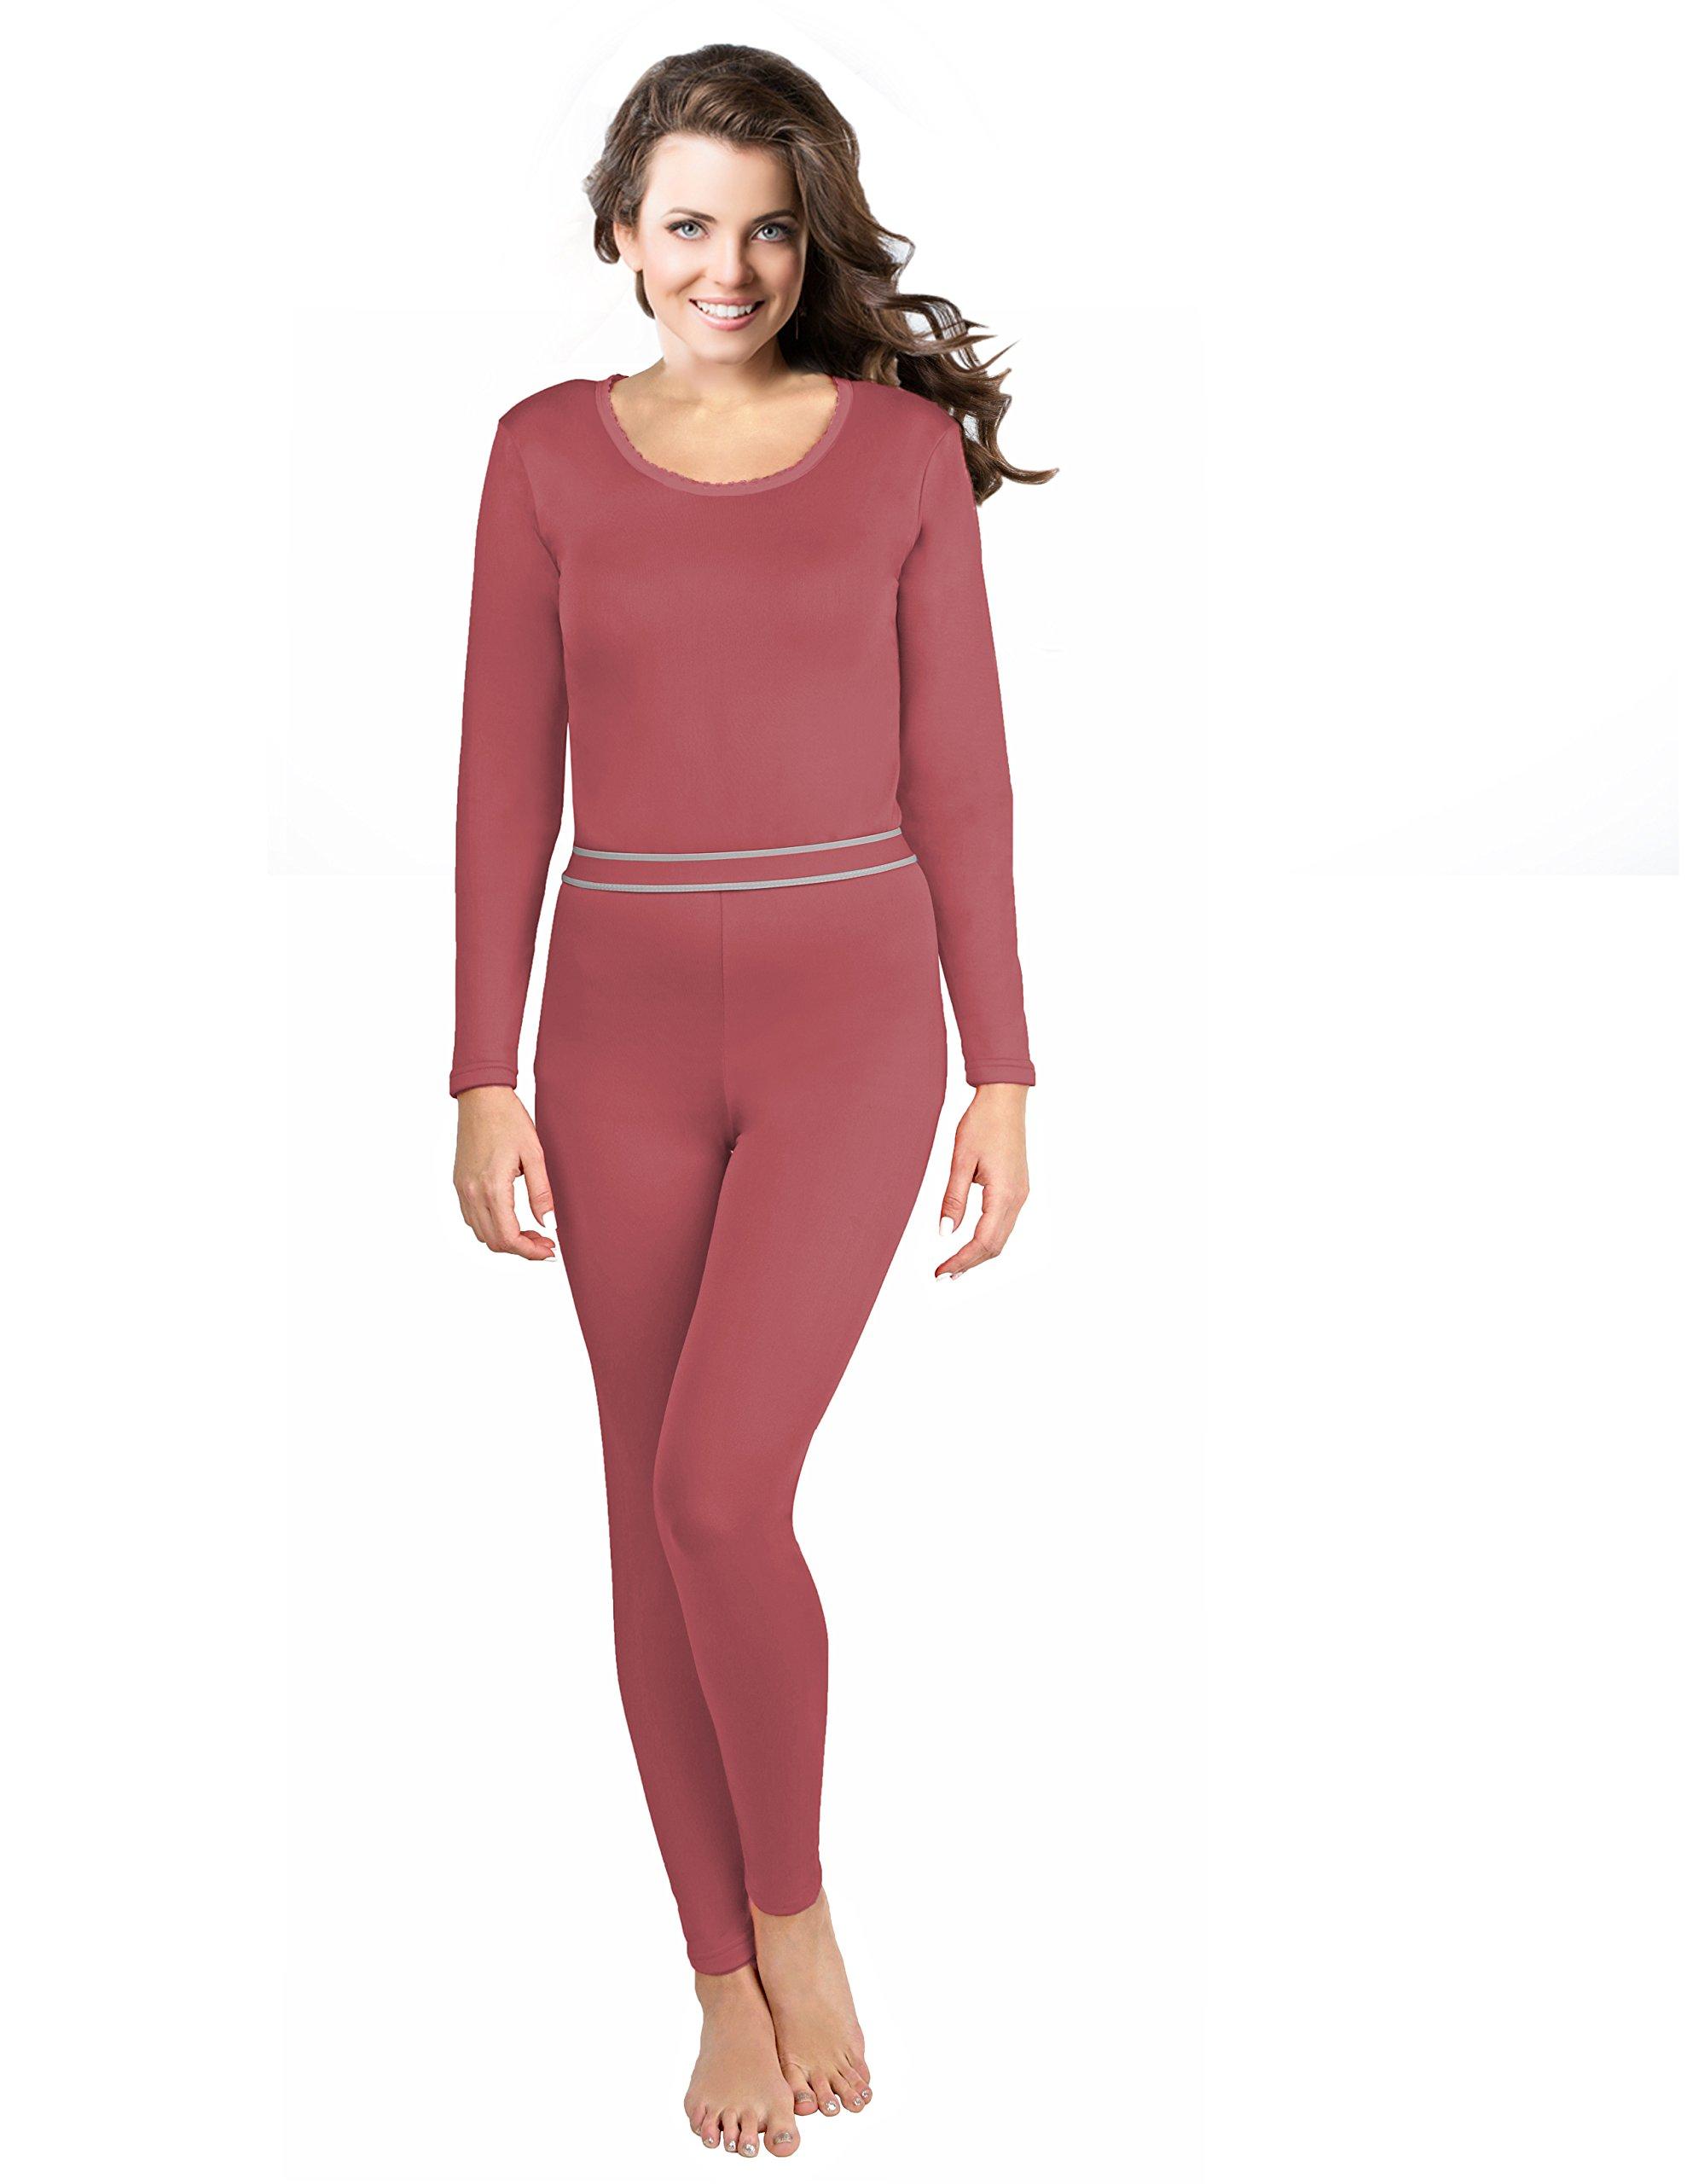 Rocky 女式 2 件超软保暖内衣,上衣和下装羊毛内衬长裤